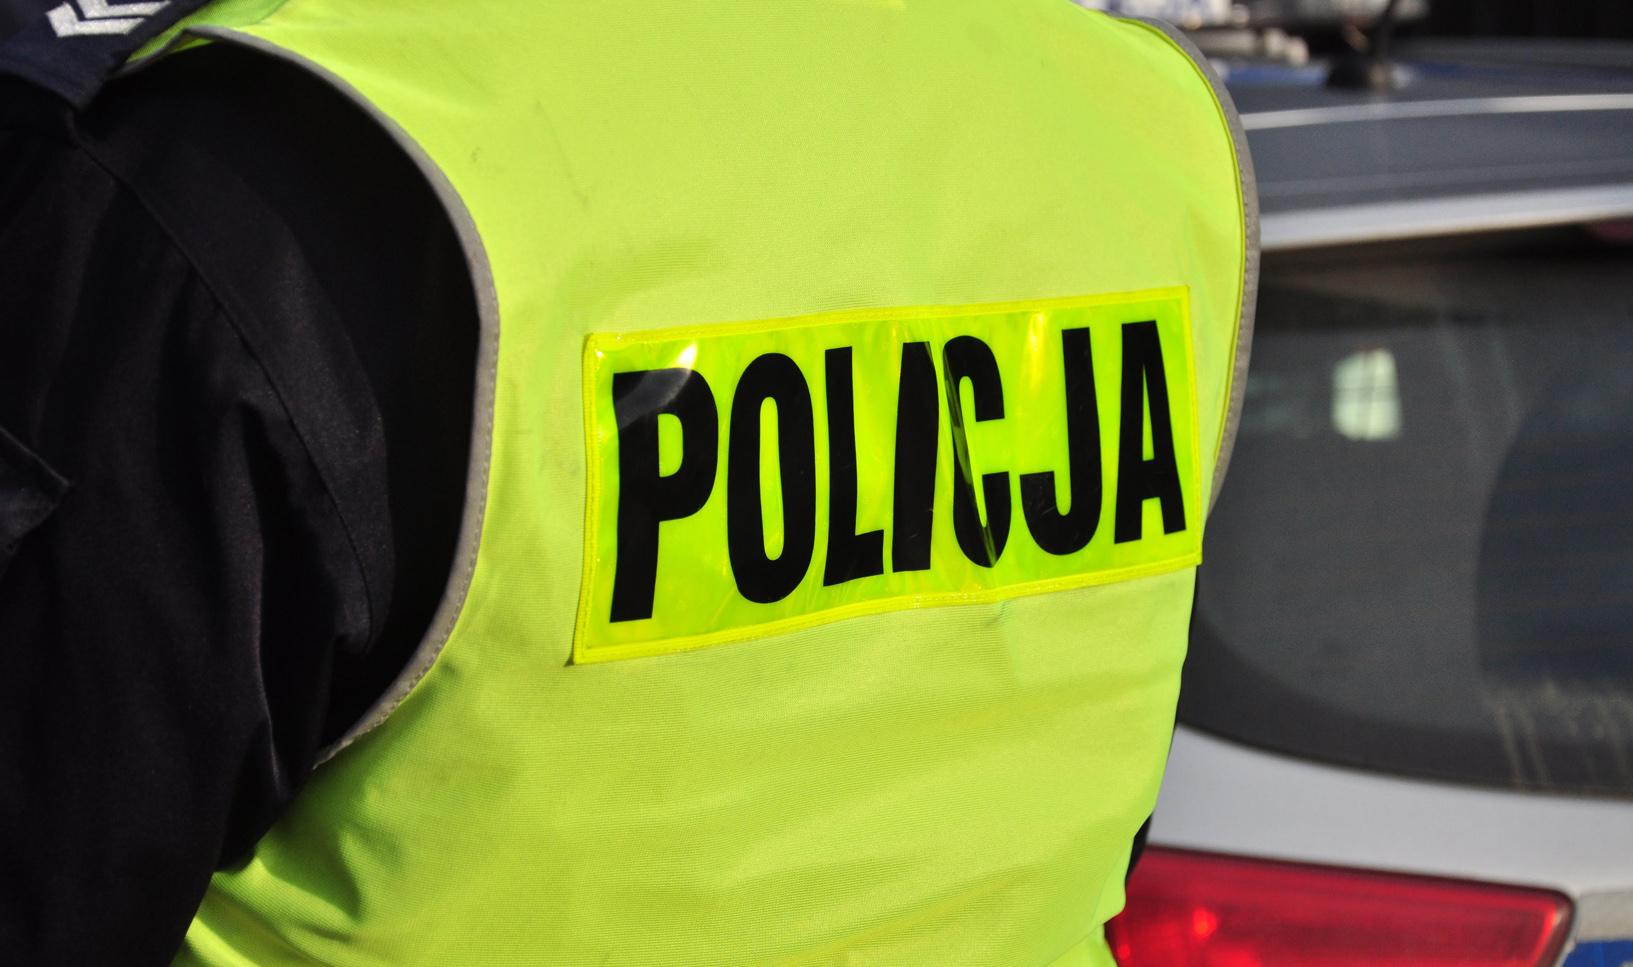 GMINA KOLBUSZOWA. Na widok policjantów uciekł w zarośla [FOTO] - Zdjęcie główne